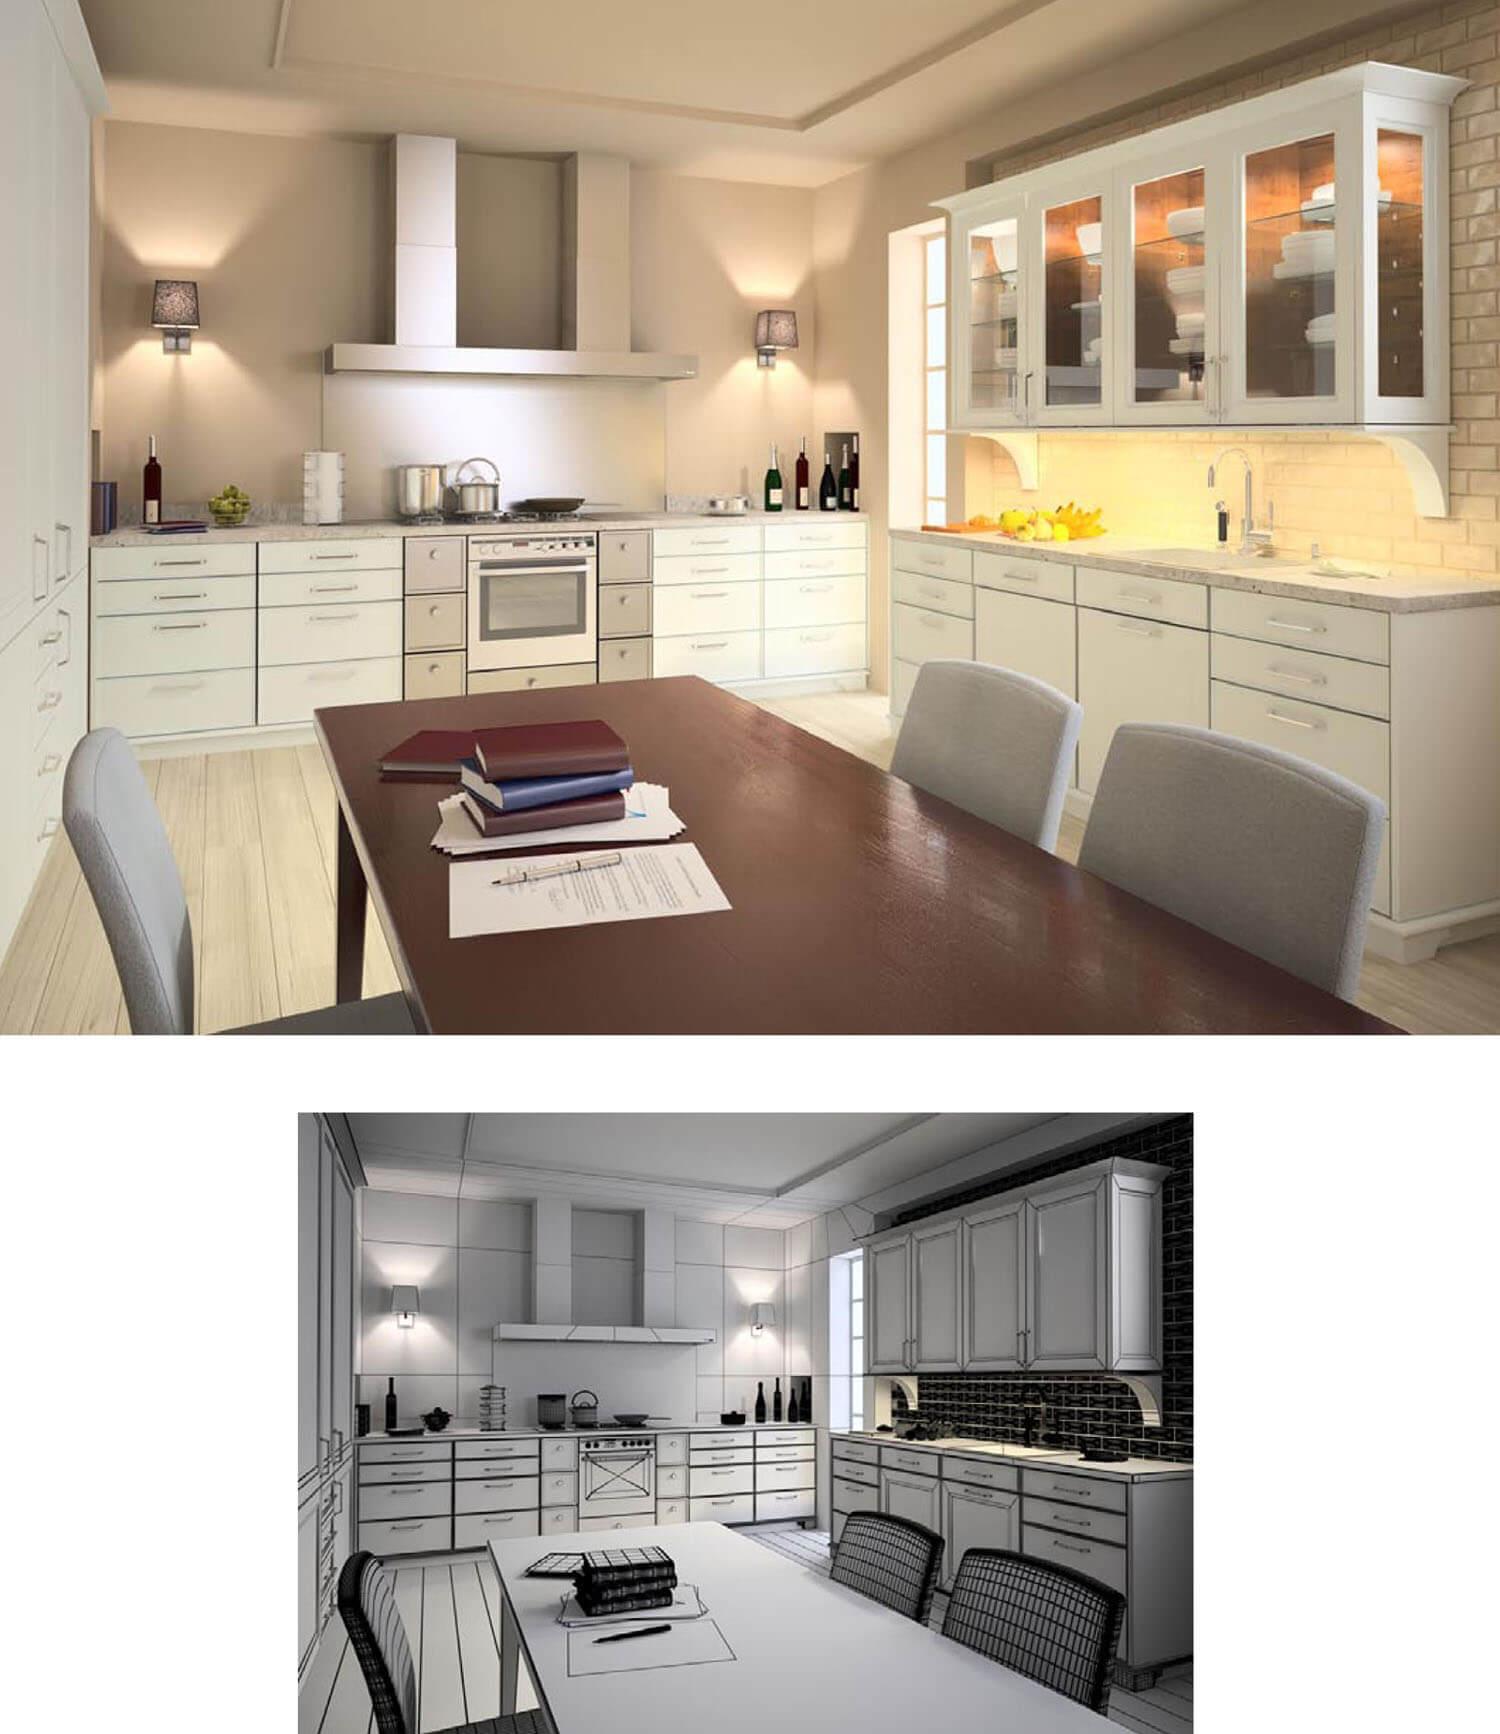 Đèn hắt được bố trí trên tủ bếp hợp lý đem lại ánh sáng ấm cúng